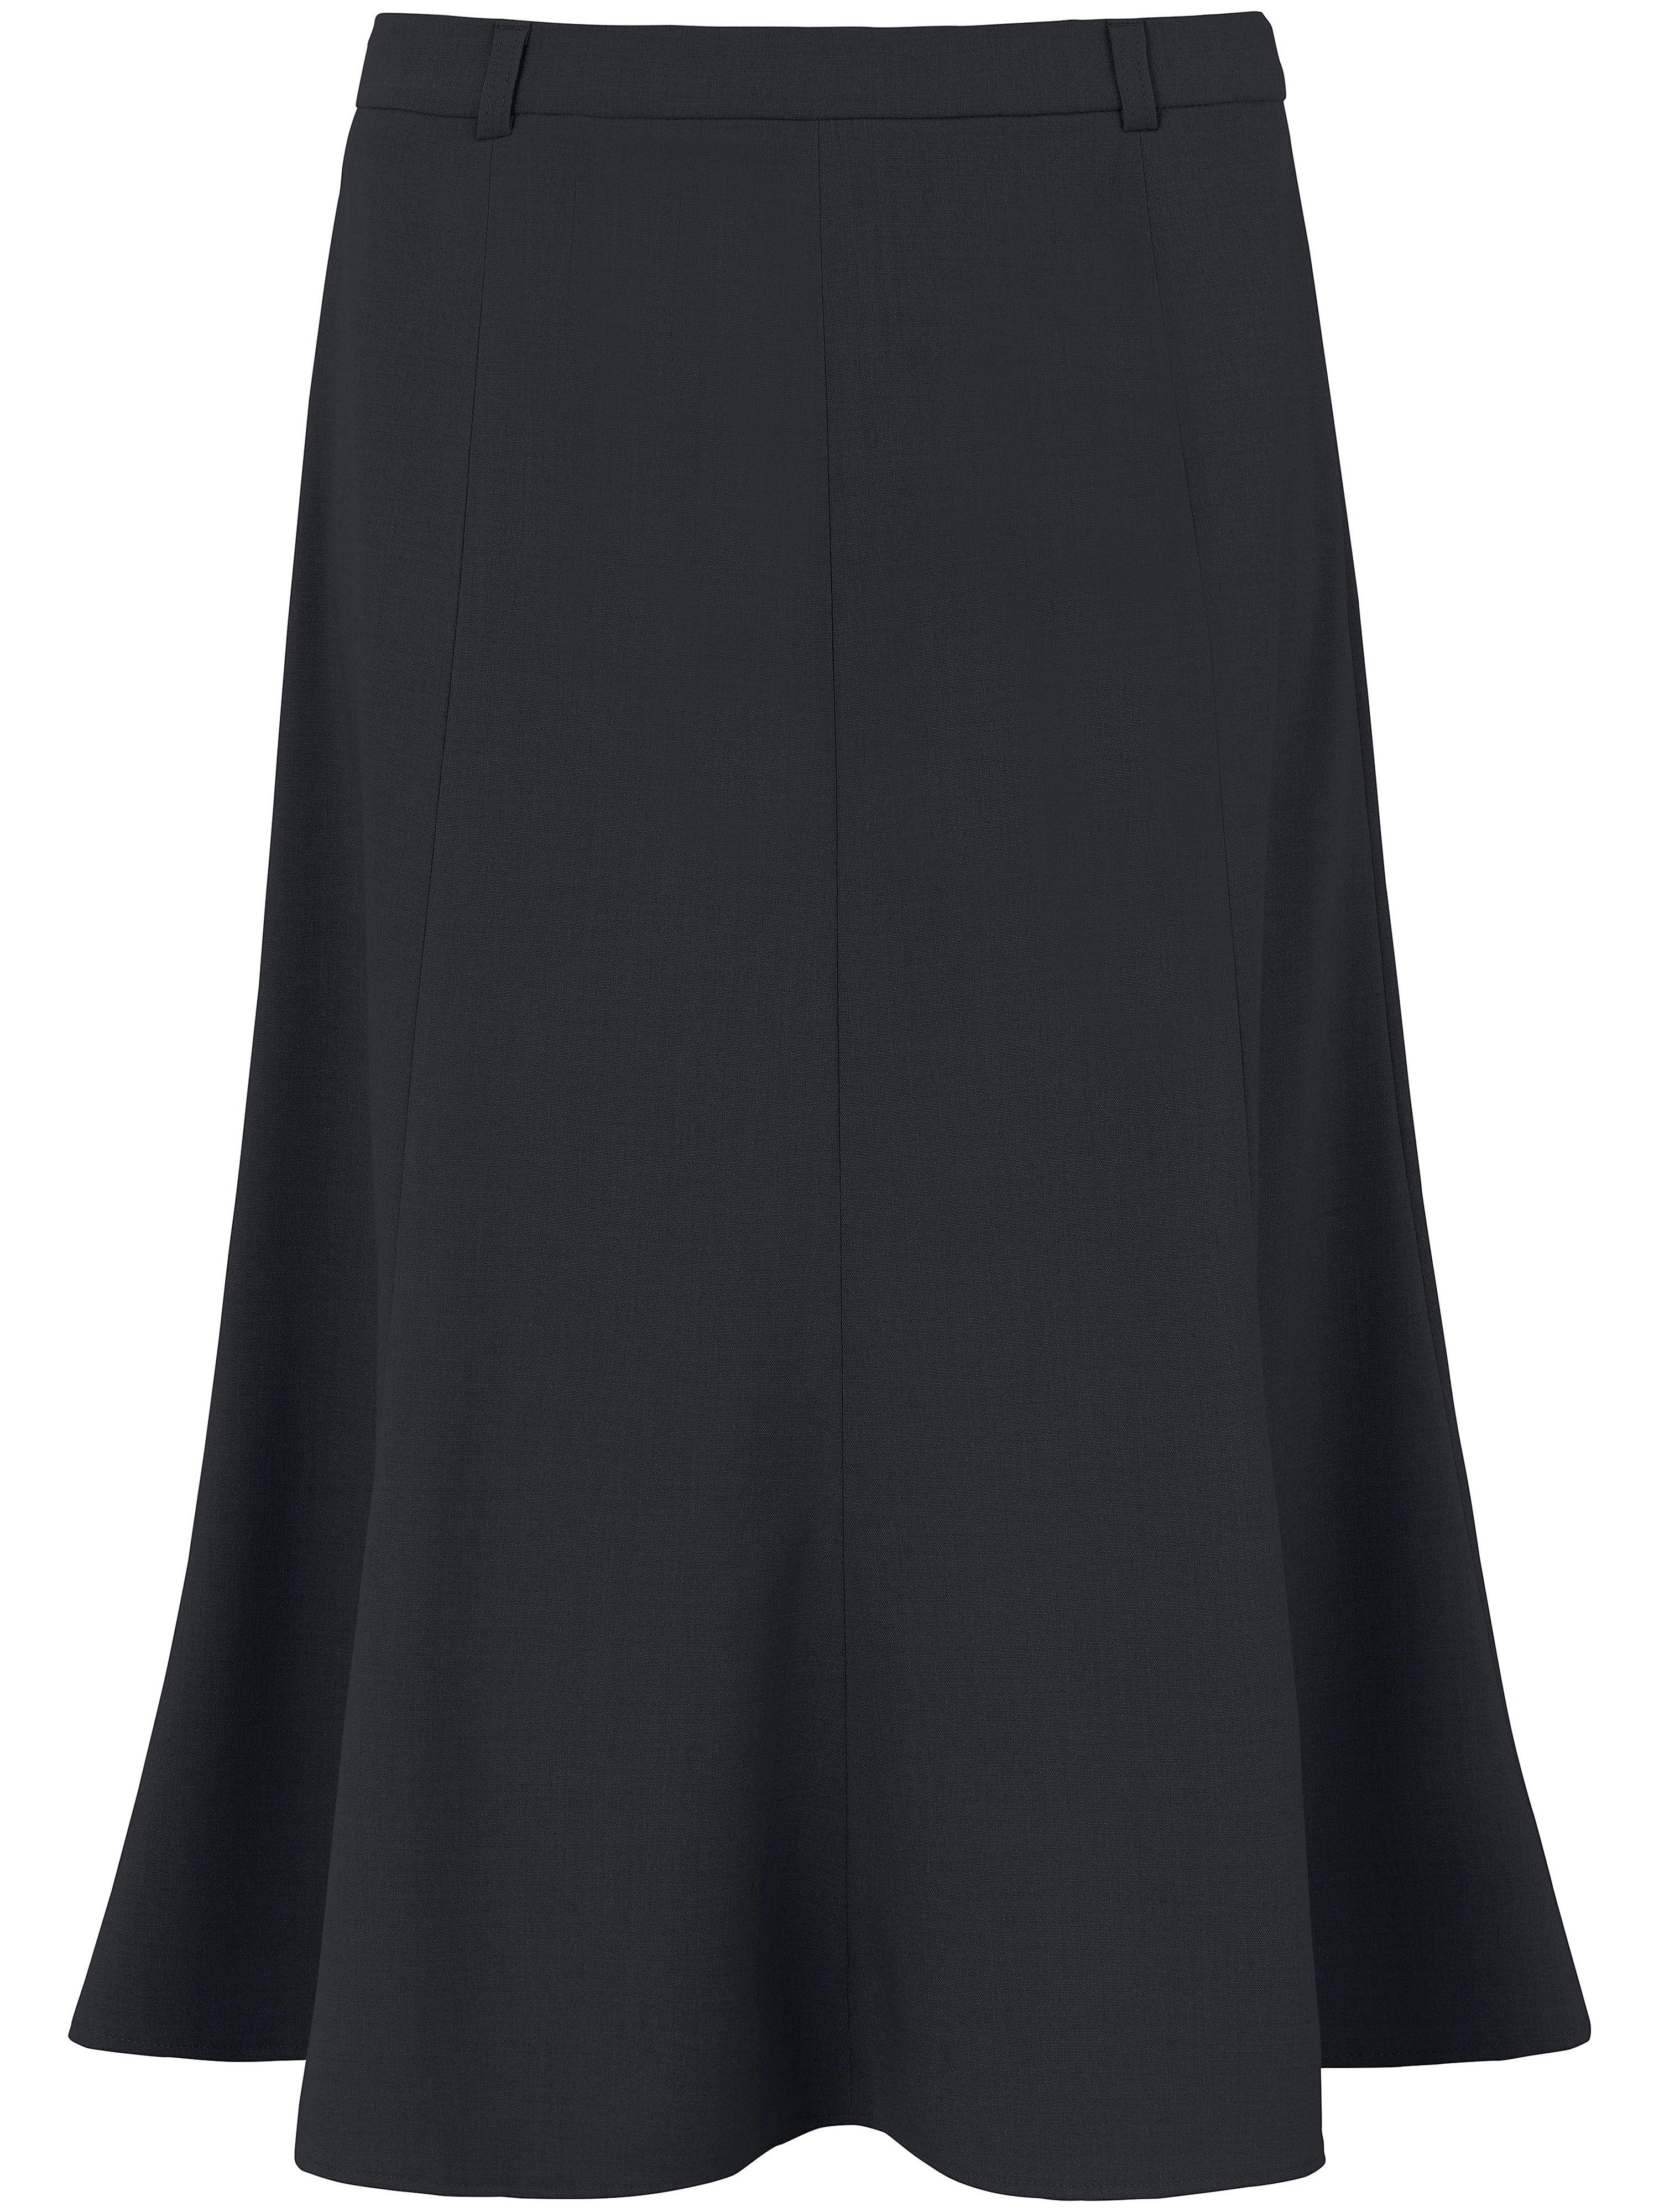 La jupe  Peter Hahn gris taille 38